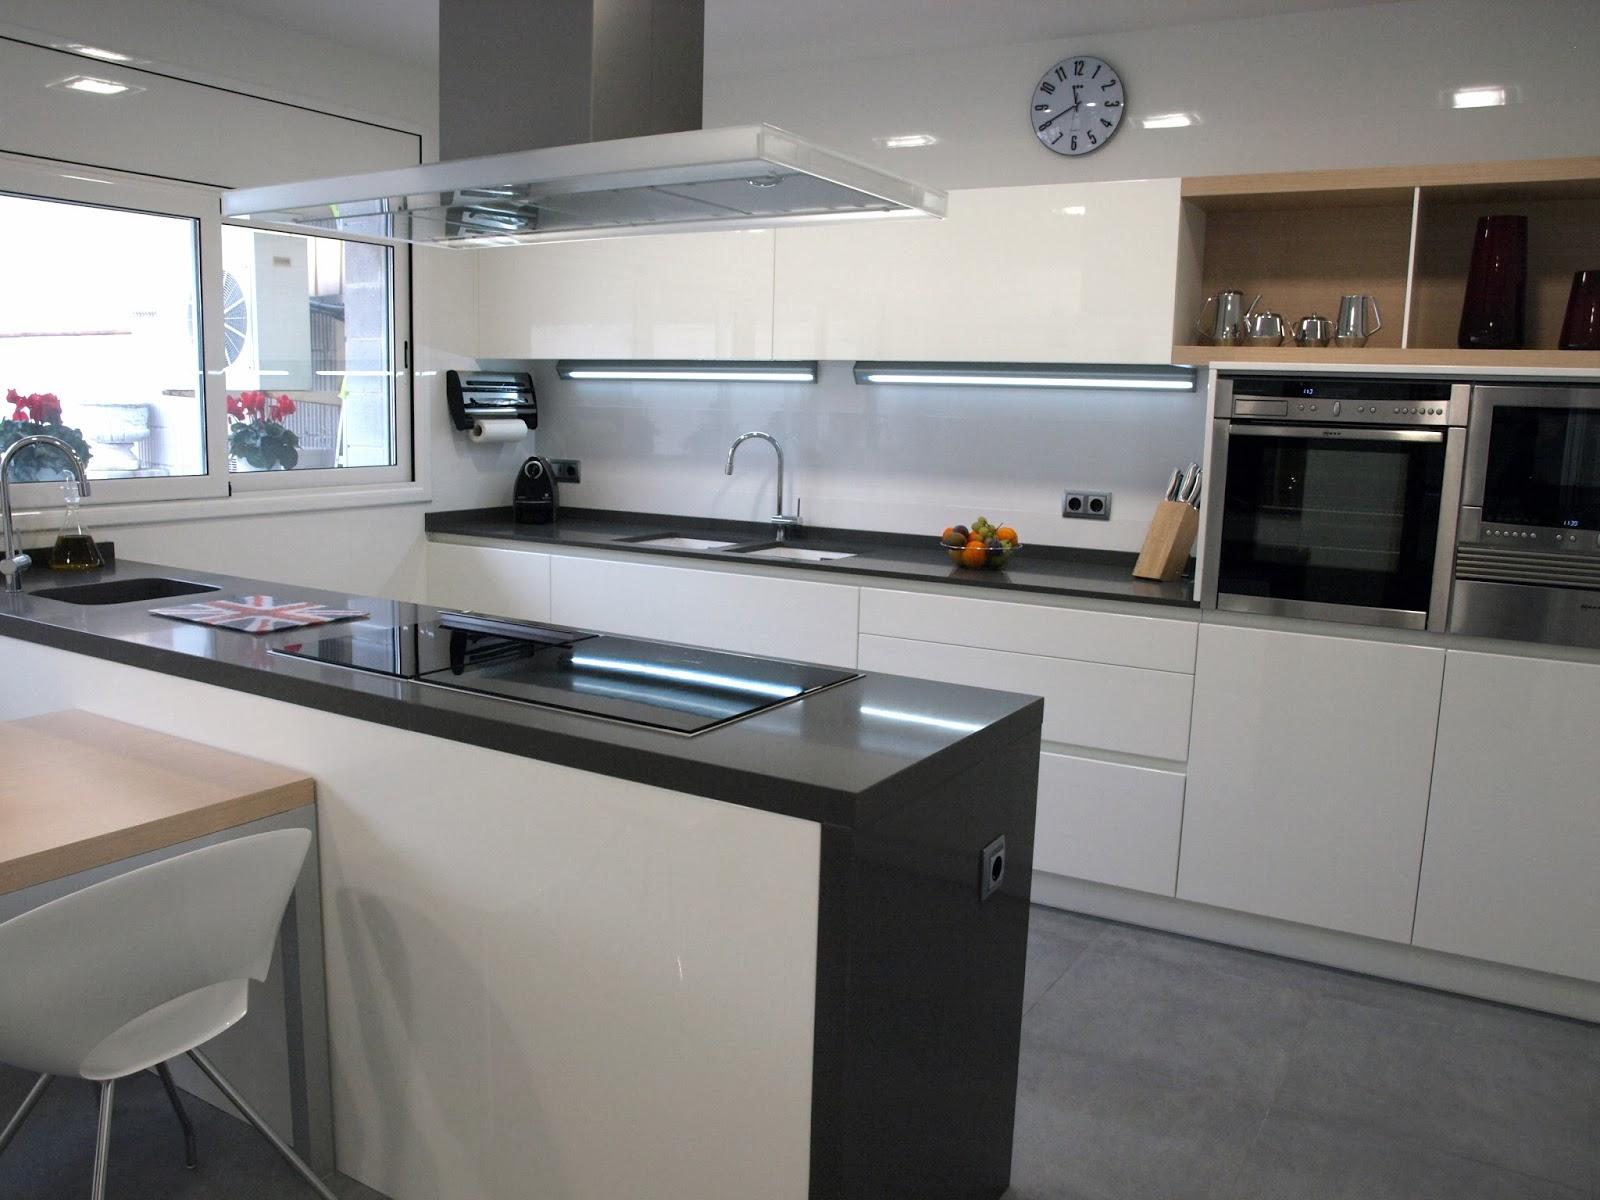 Cocina en laca alto brillo con peninsula y zona de columnas - Cocinas con peninsula ...